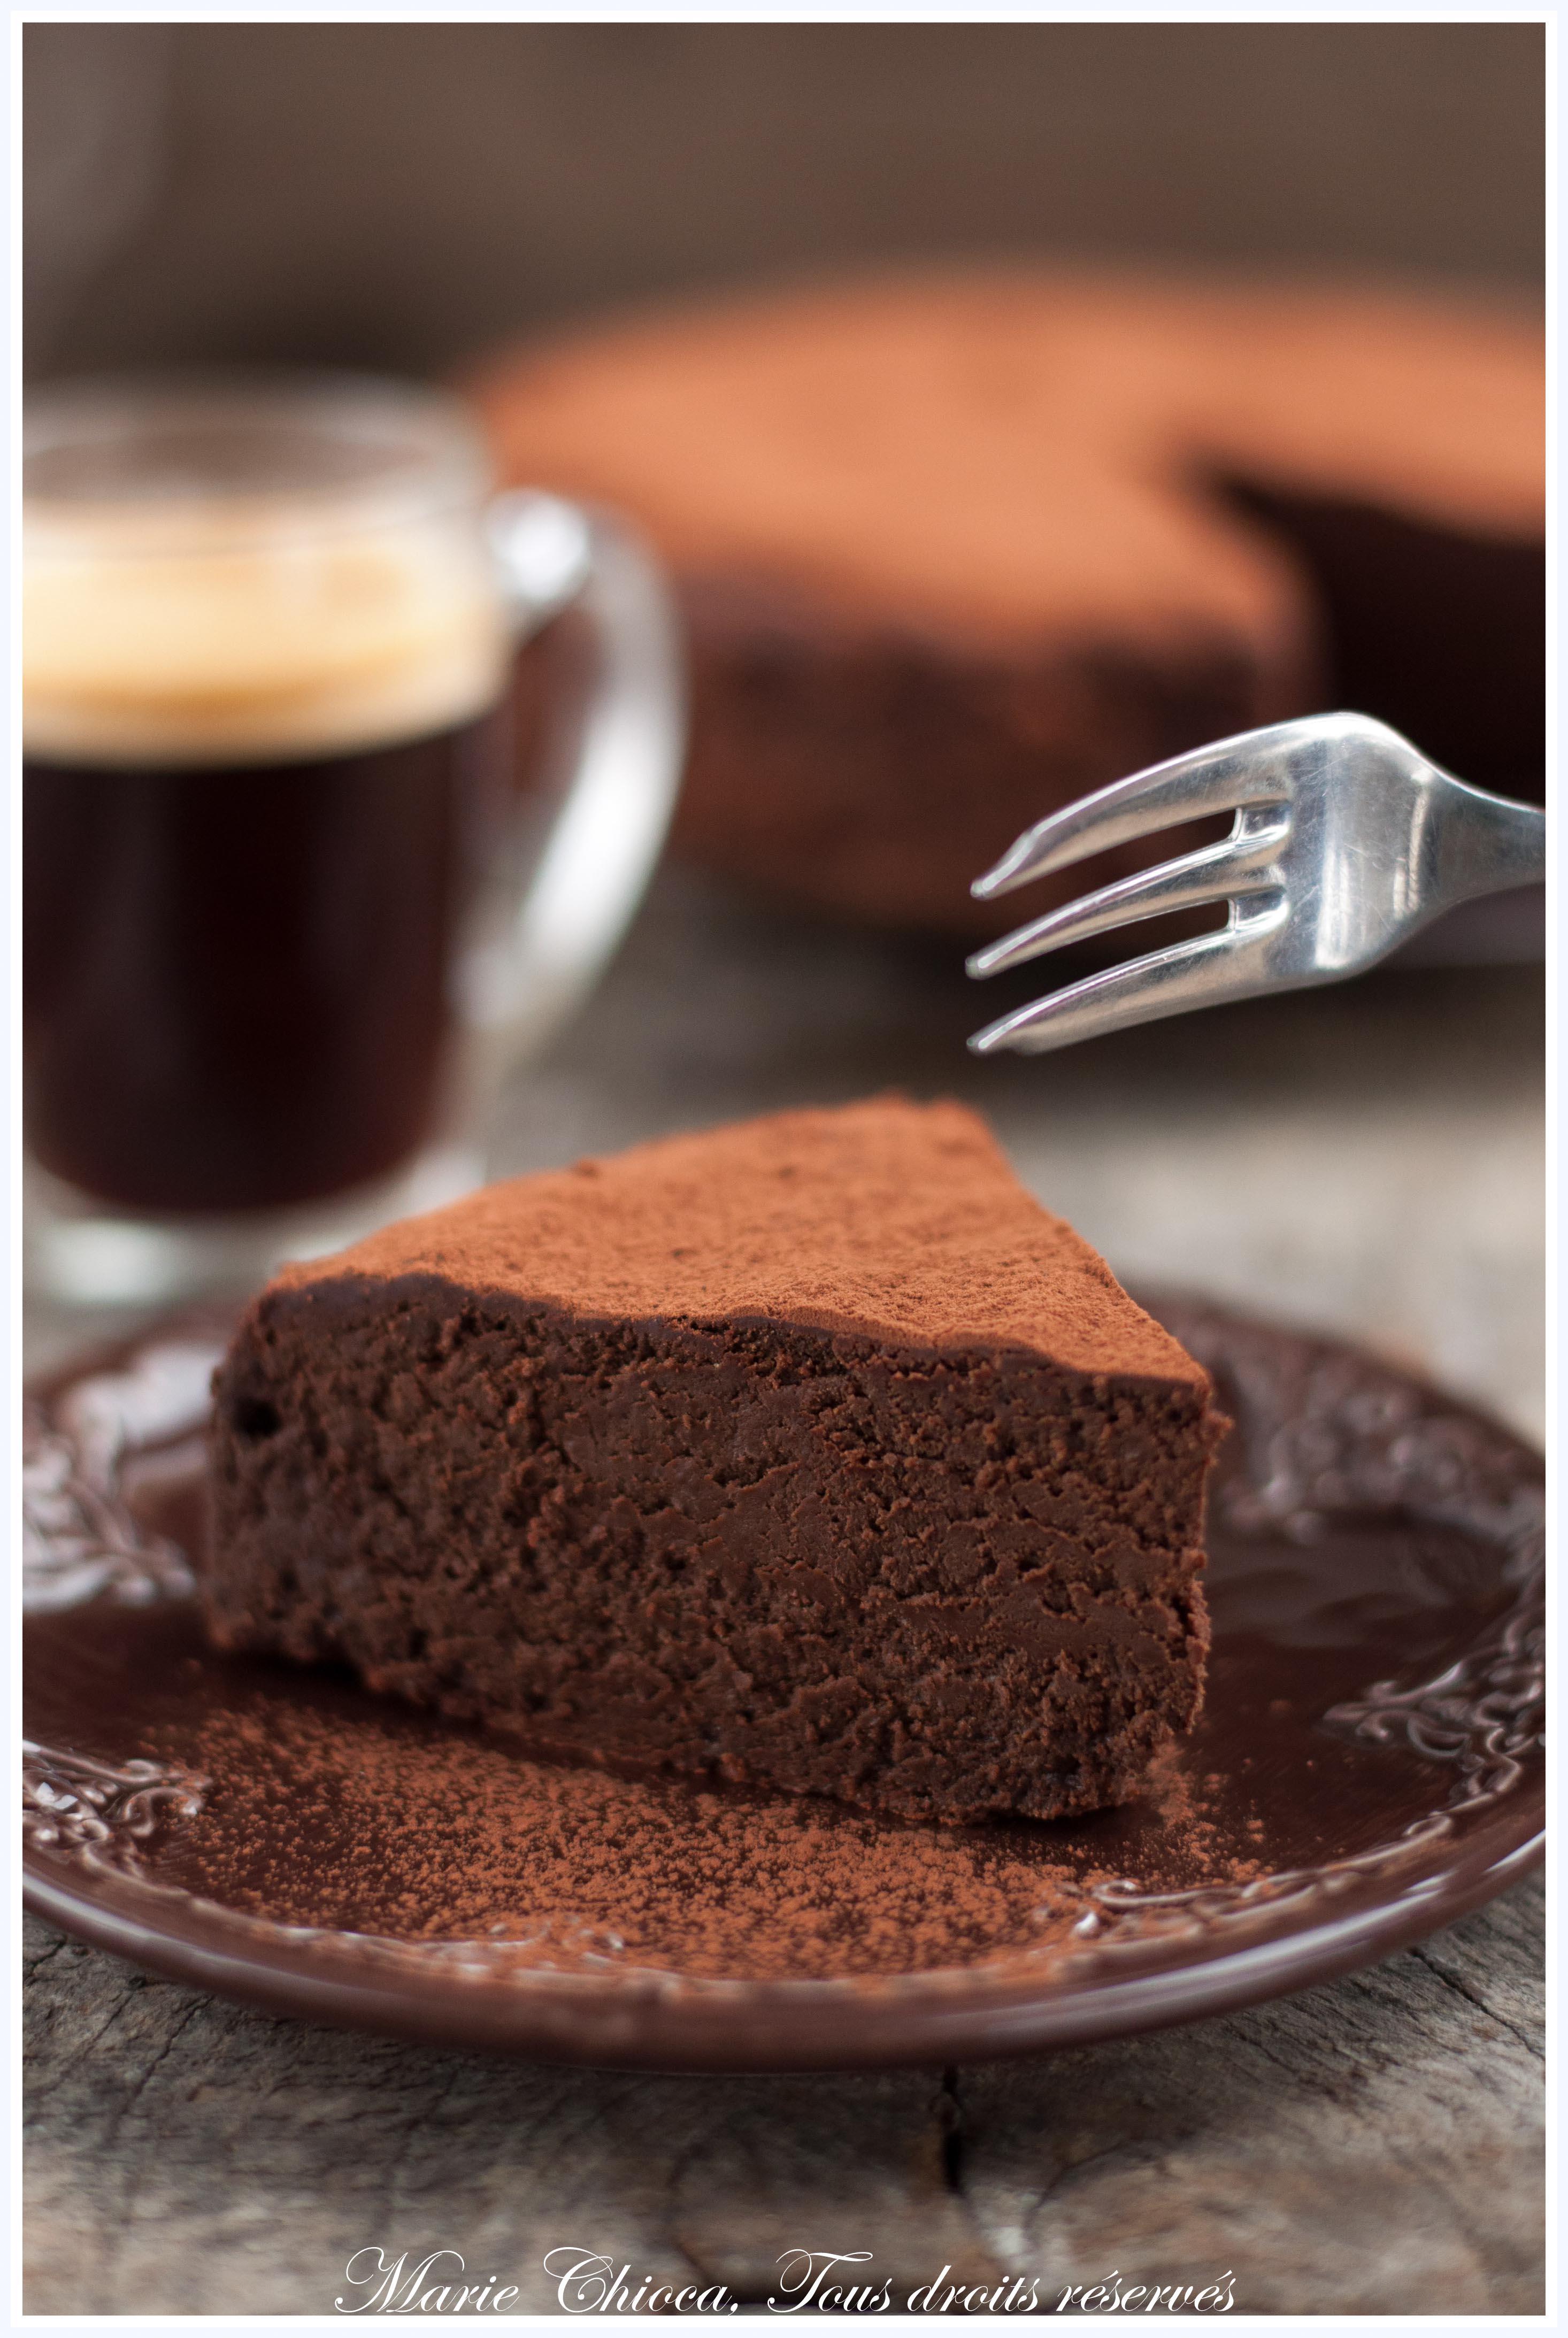 fondant au chocolat et lentilles 1-2